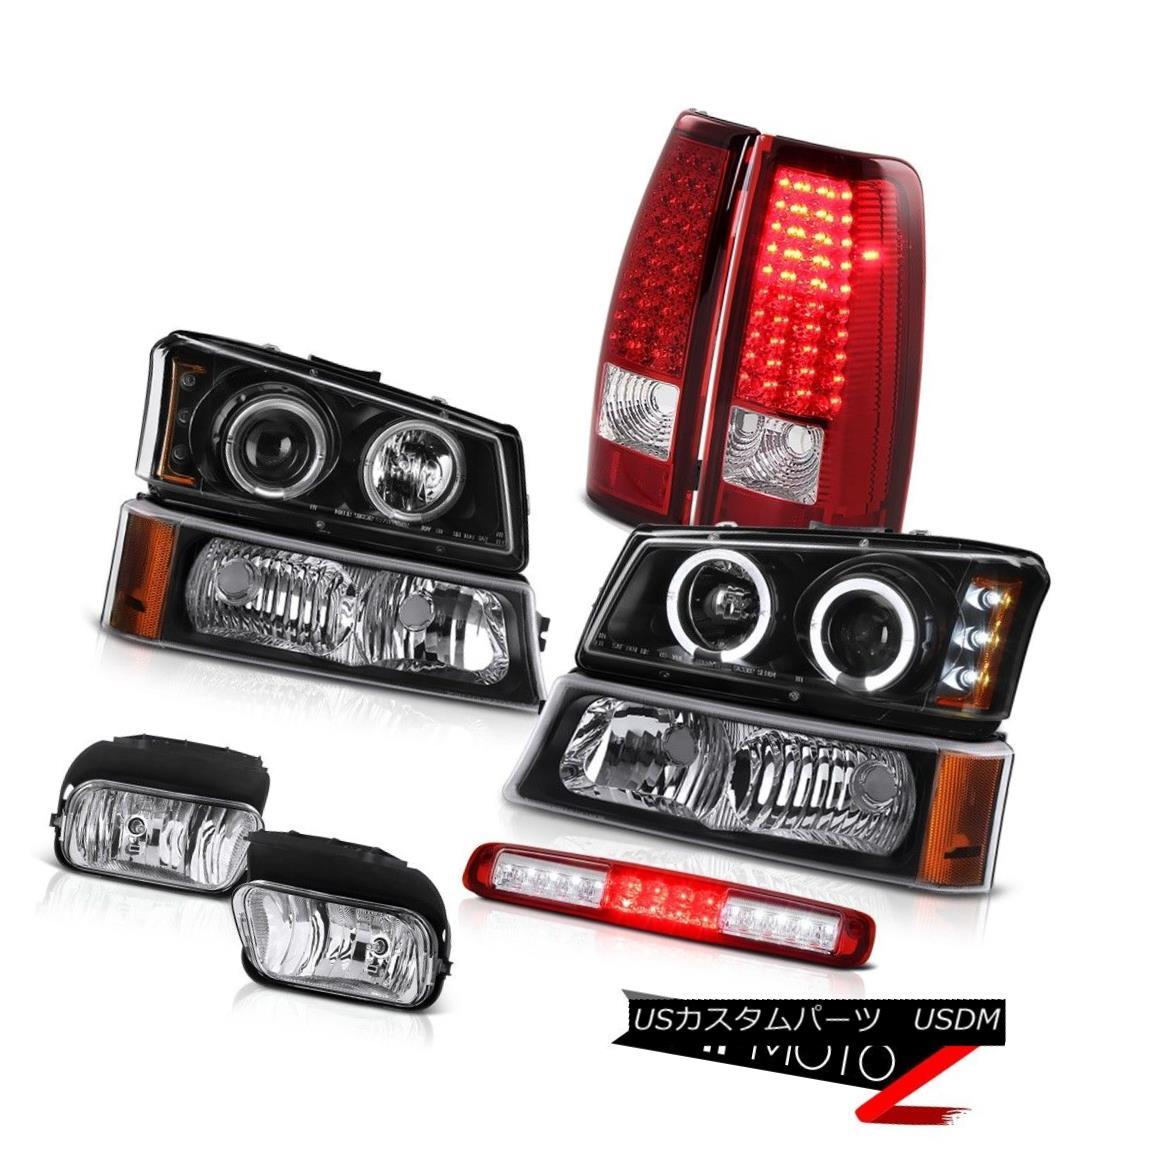 テールライト 2003-2006 Silverado 2500Hd Fog Lights Parking Lamp Roof Cab Headlamps Taillamps 2003-2006 Silverado 2500Hdフォグライトパーキングランプルーフキャブヘッドランプタイルランプ